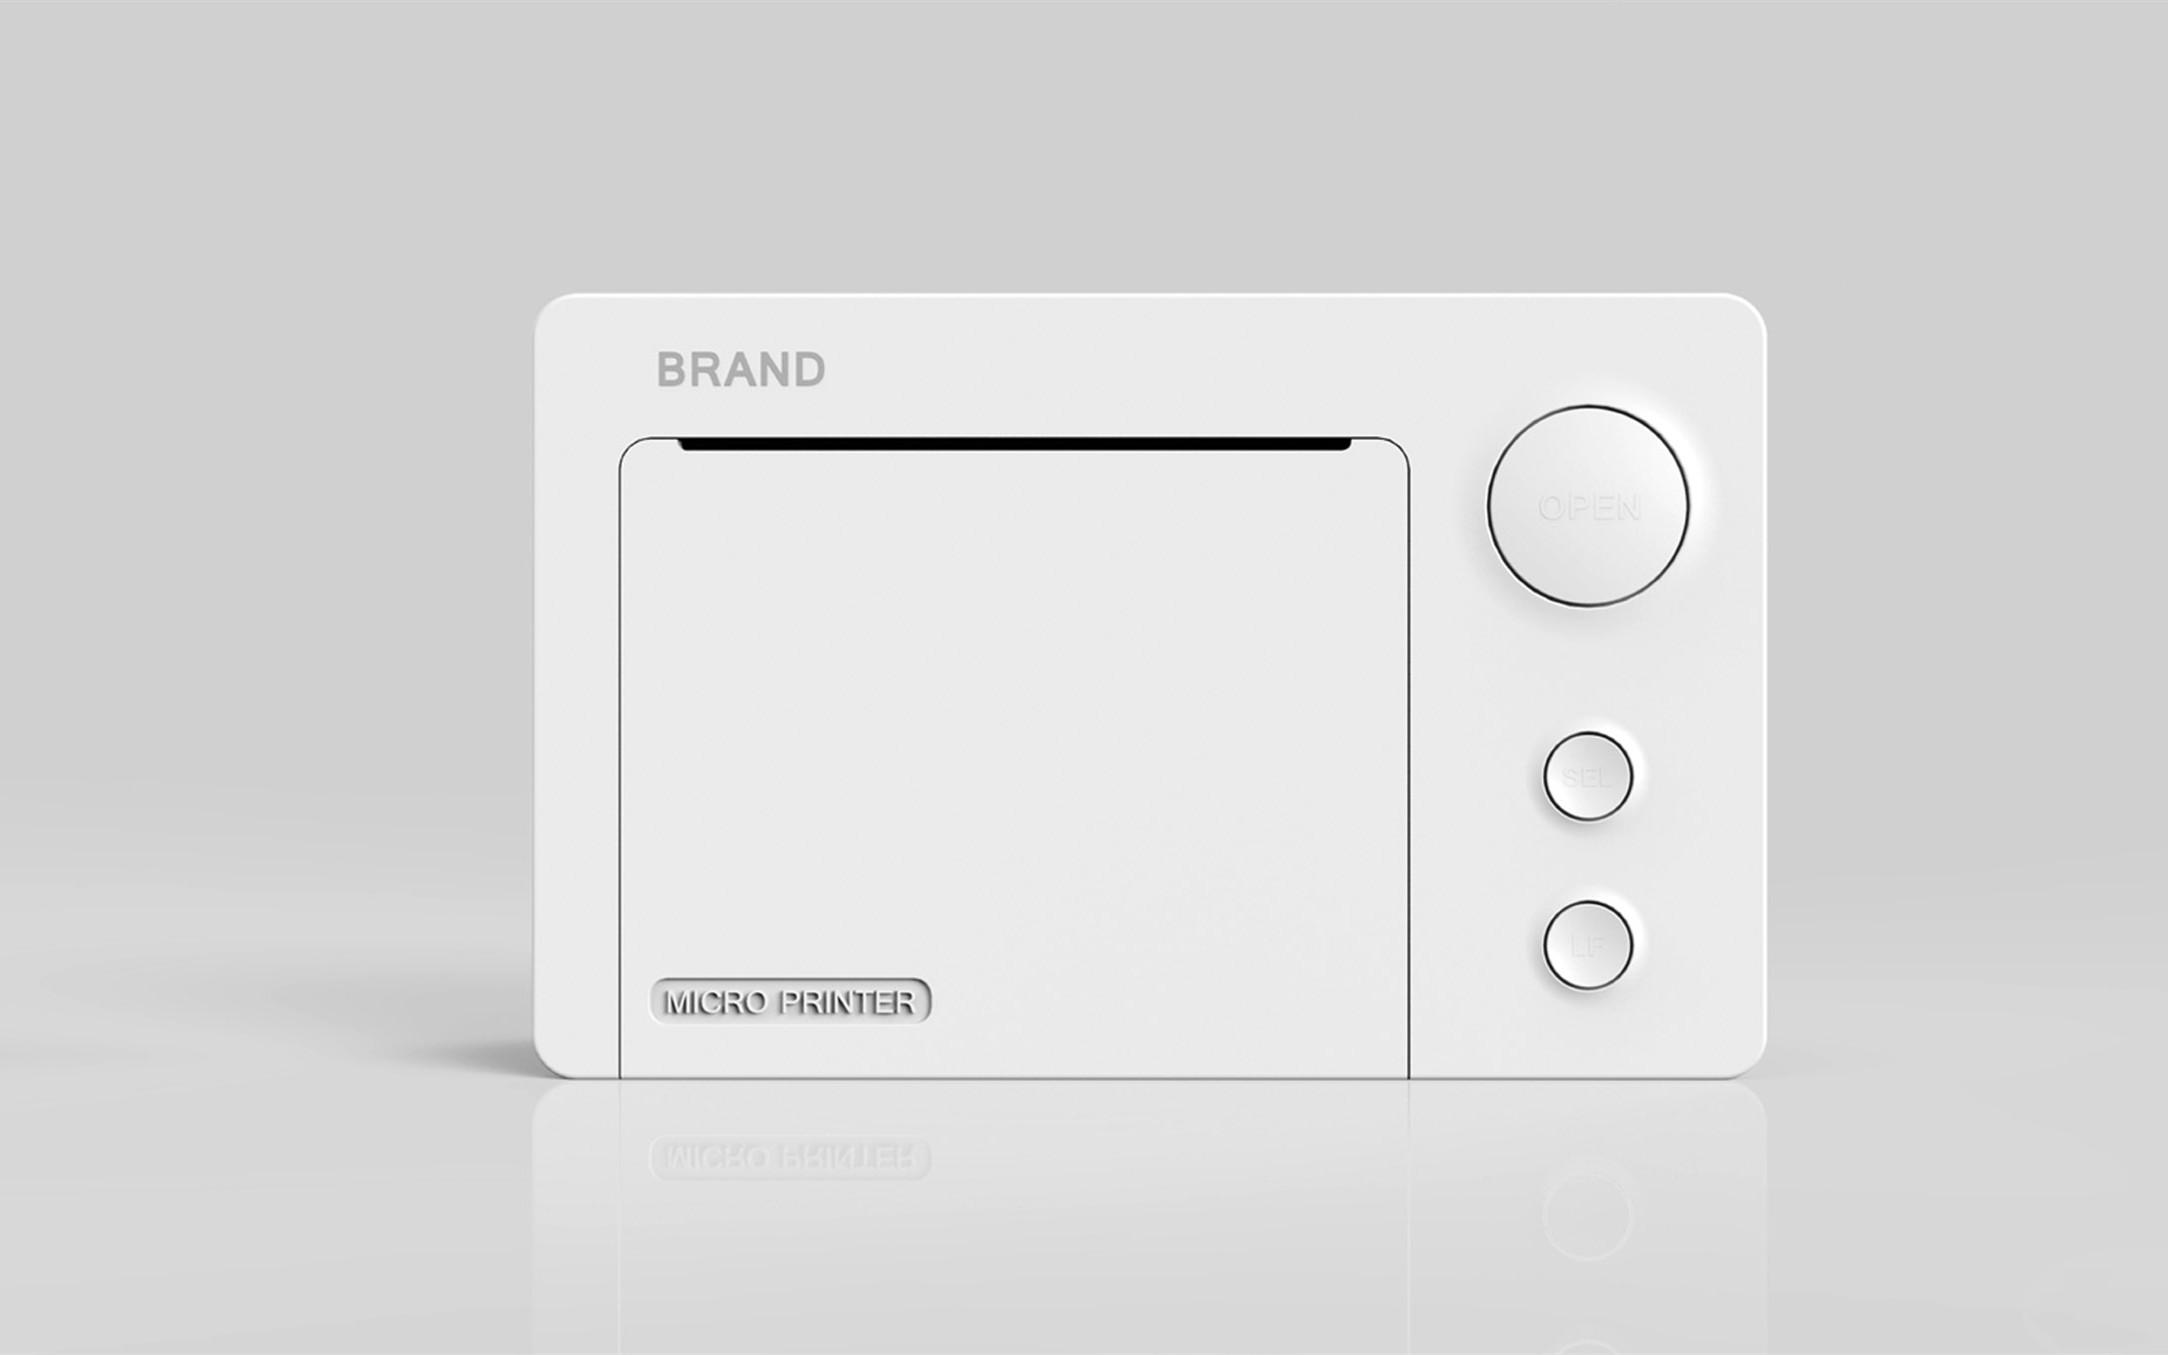 【产品设计】工业外观设计结构设计手板制作模具量产一站式服务